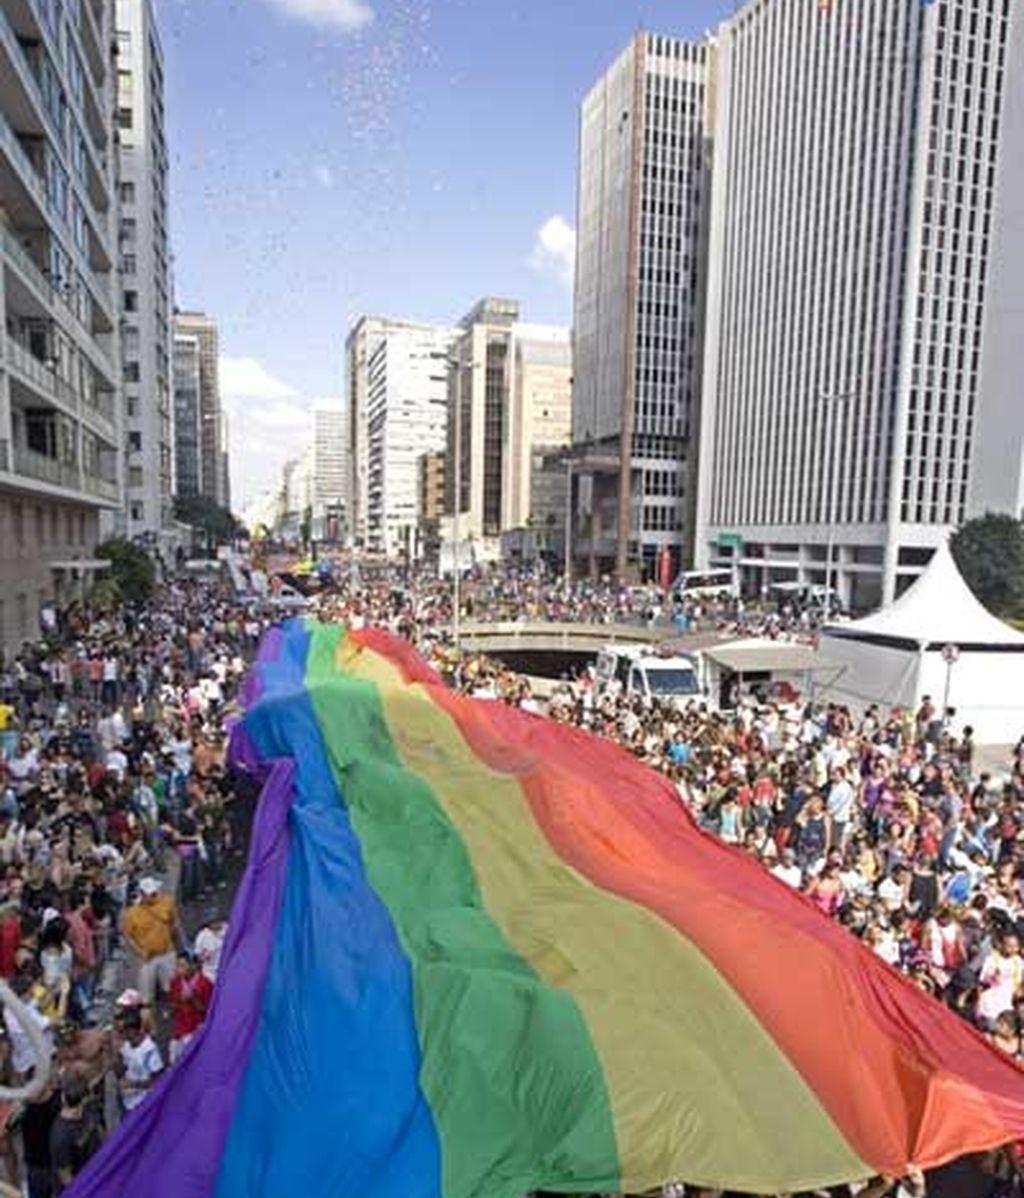 La avenida Paulista se ha teñido con los colores del arco iris. Foto: EFE